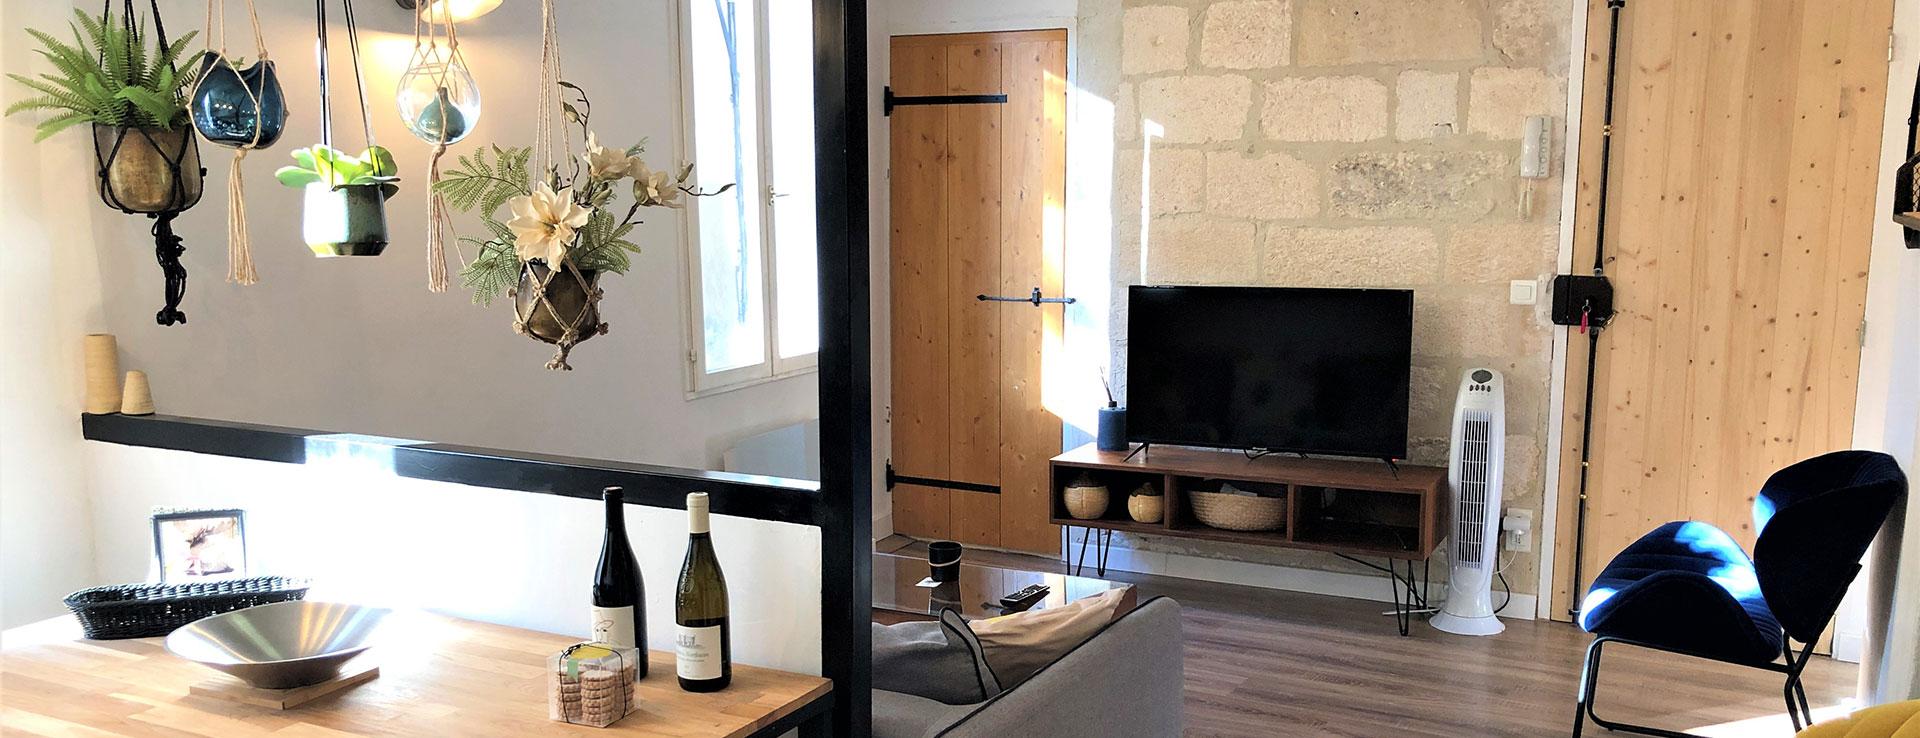 Appartement le moulin d'Avignon 5